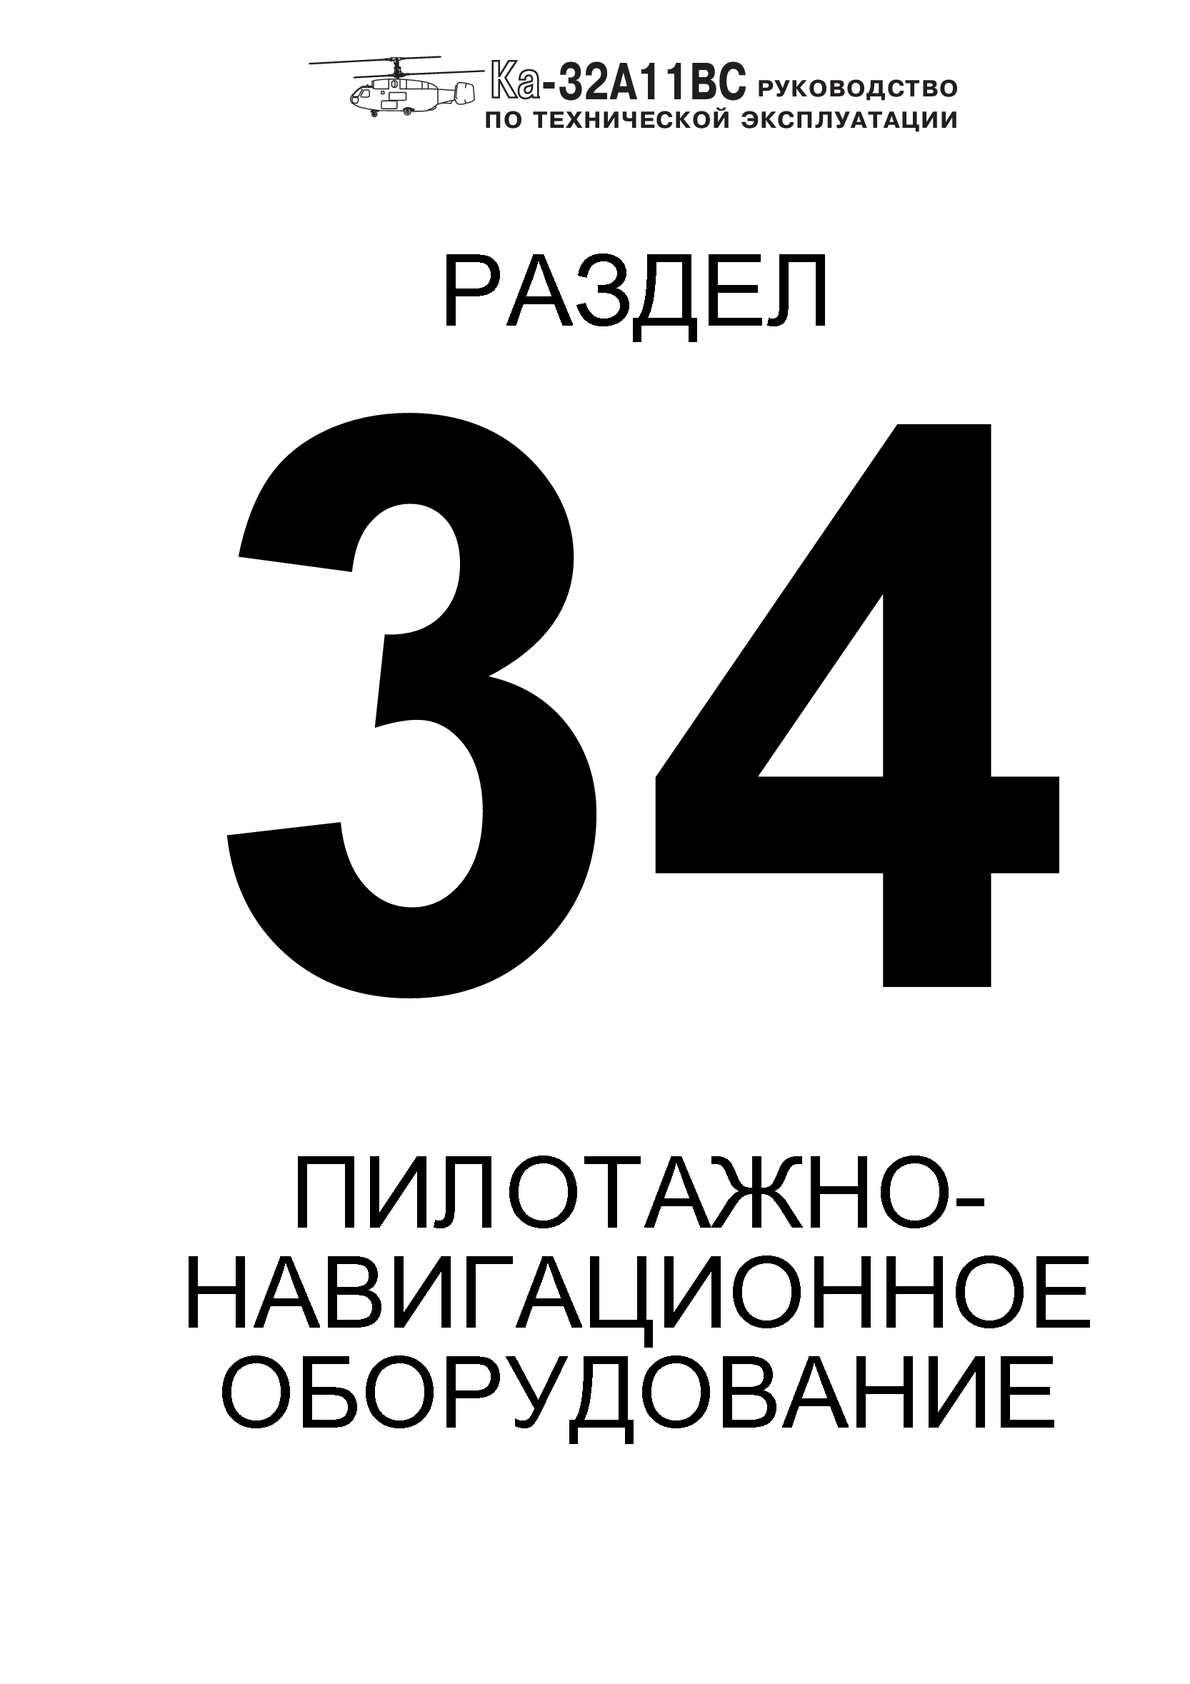 Ка 32а11вс РТЭ 034